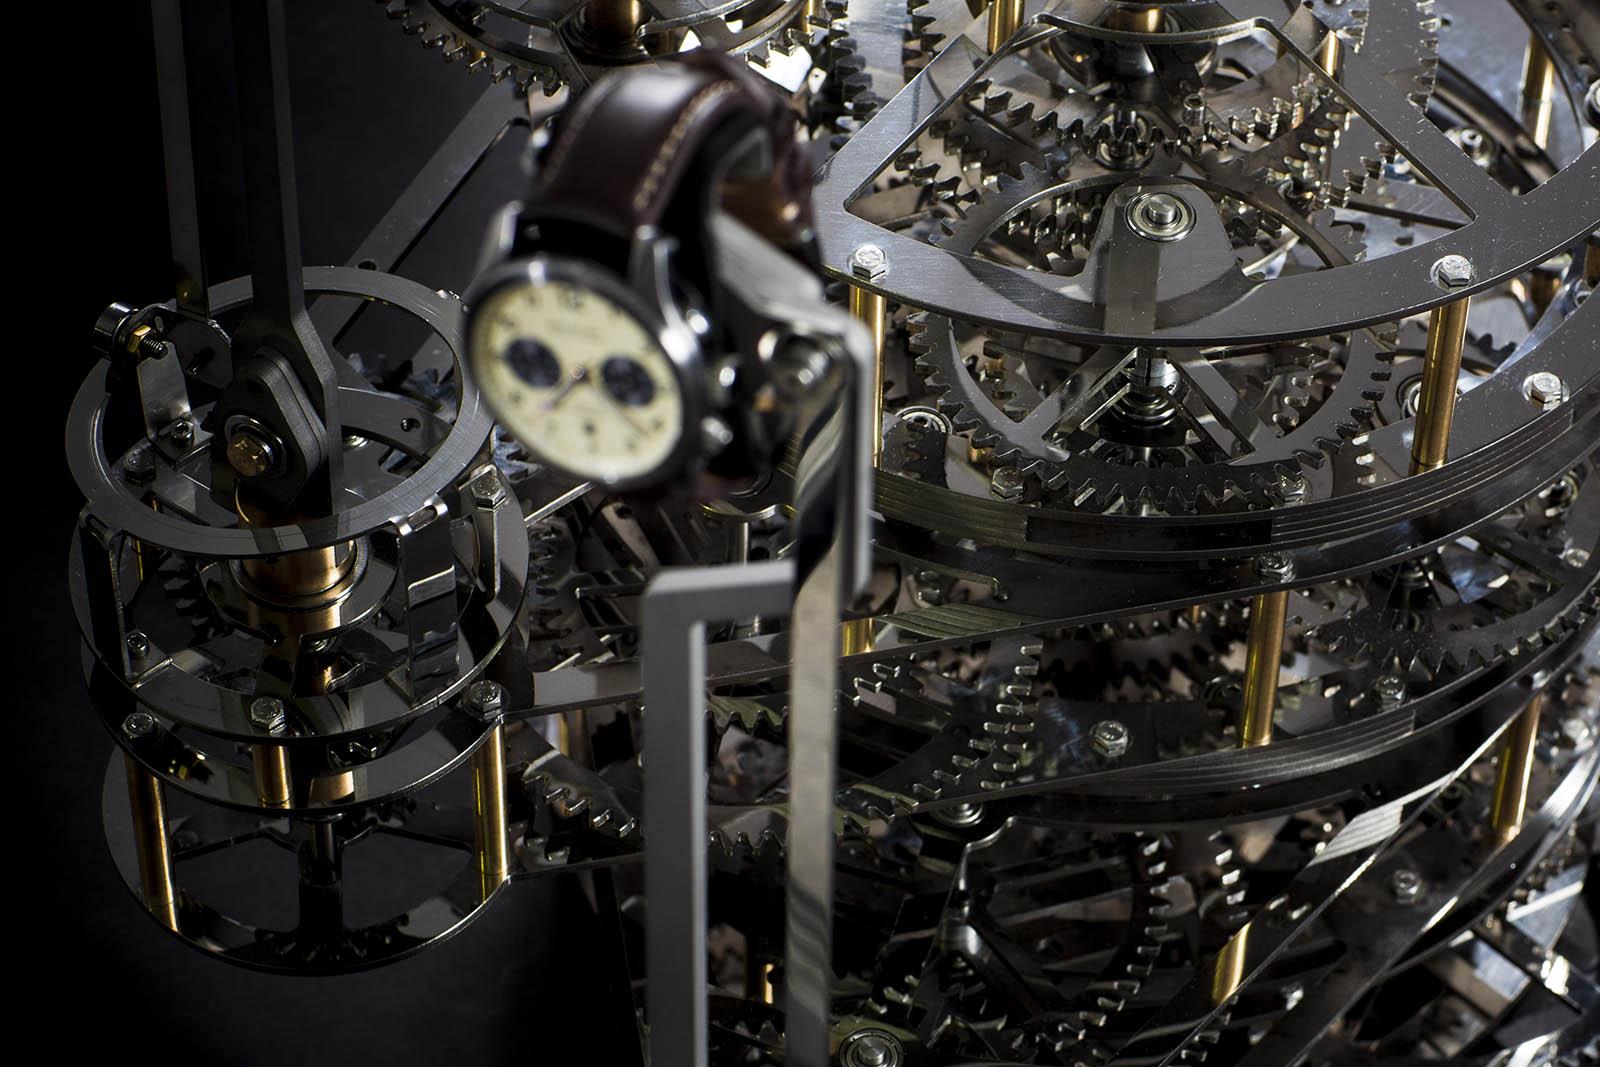 Bremont-close-watch-blurred